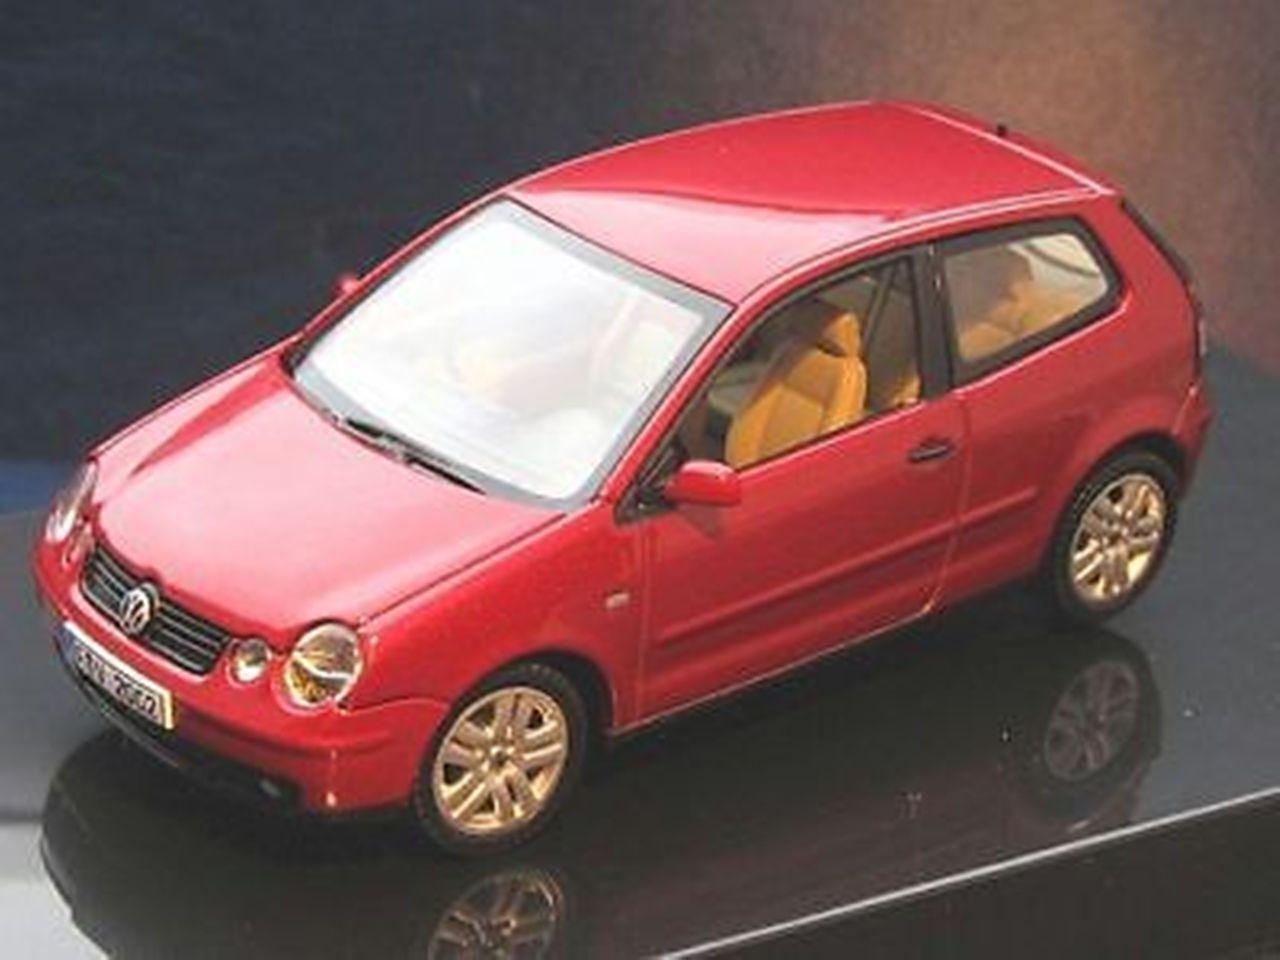 VOLKSWAGEN VW POLO 4 MURANoruge MURANoruge MURANoruge PERLEFF AUTOart 59767 1 43 ROUGE rouge rouge rouge d0d2f0